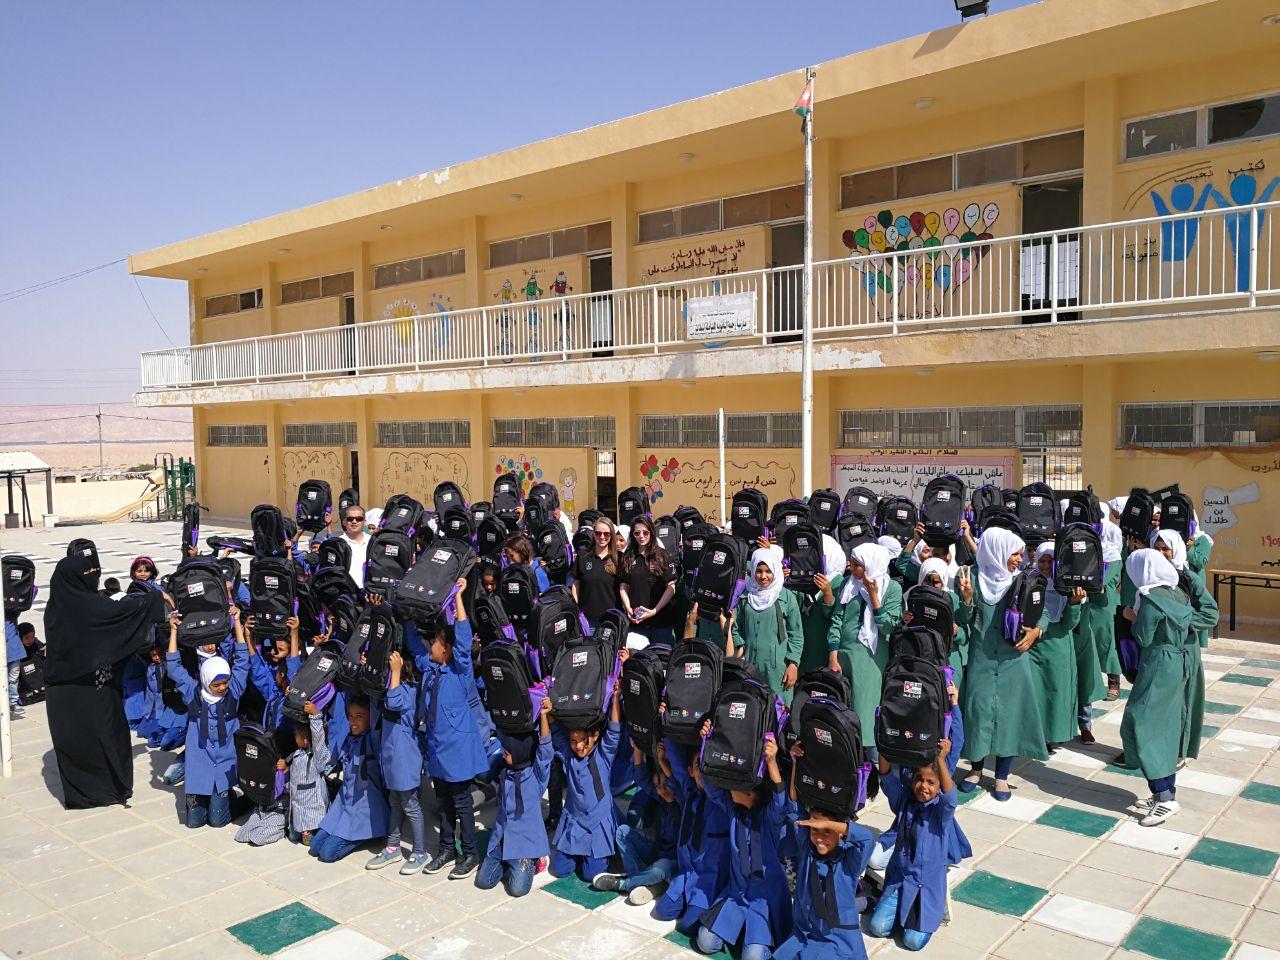 نتيجة بحث الصور عن زين تختتم مبادرتها لتوزيع الحقائب المدرسية في المناطق الأقل حظاً